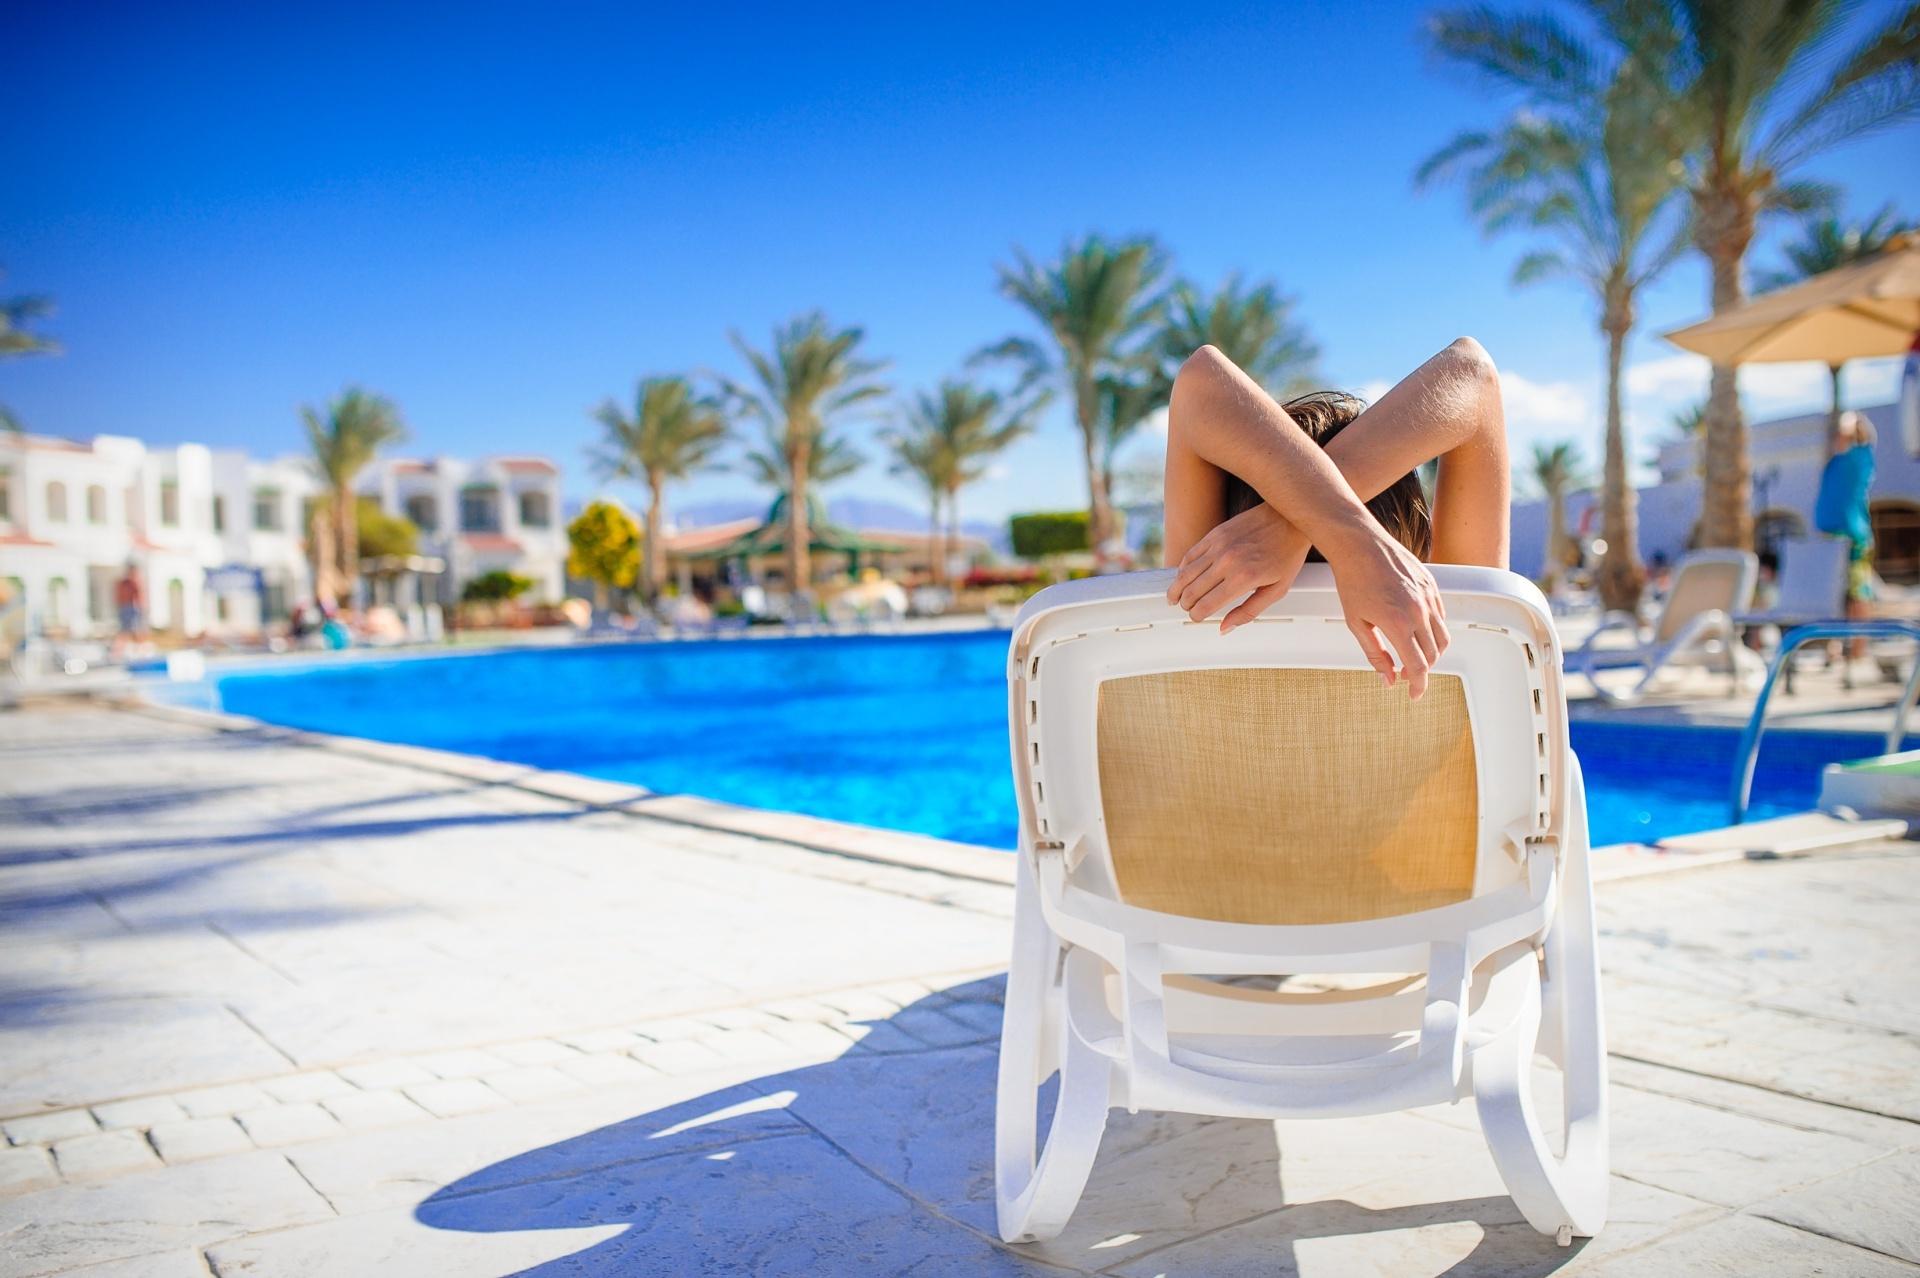 Connaissez-vous les trois questions qui peuvent maximiser vos prochaines vacances?